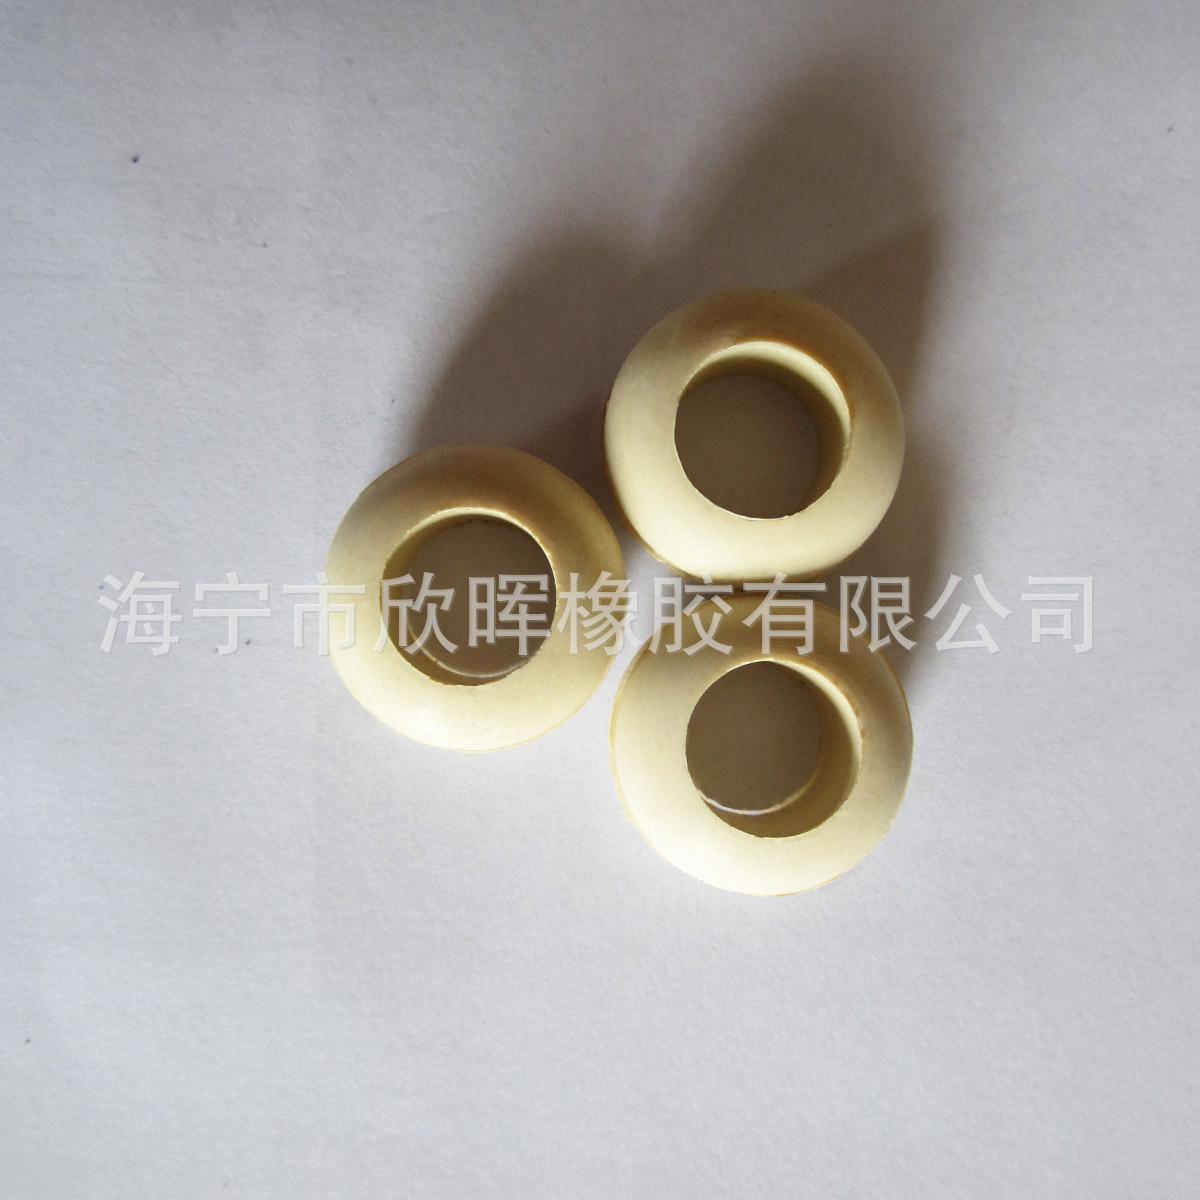 阻燃环保硅橡胶单双面电源线白色出线圈 电机配电箱线缆护